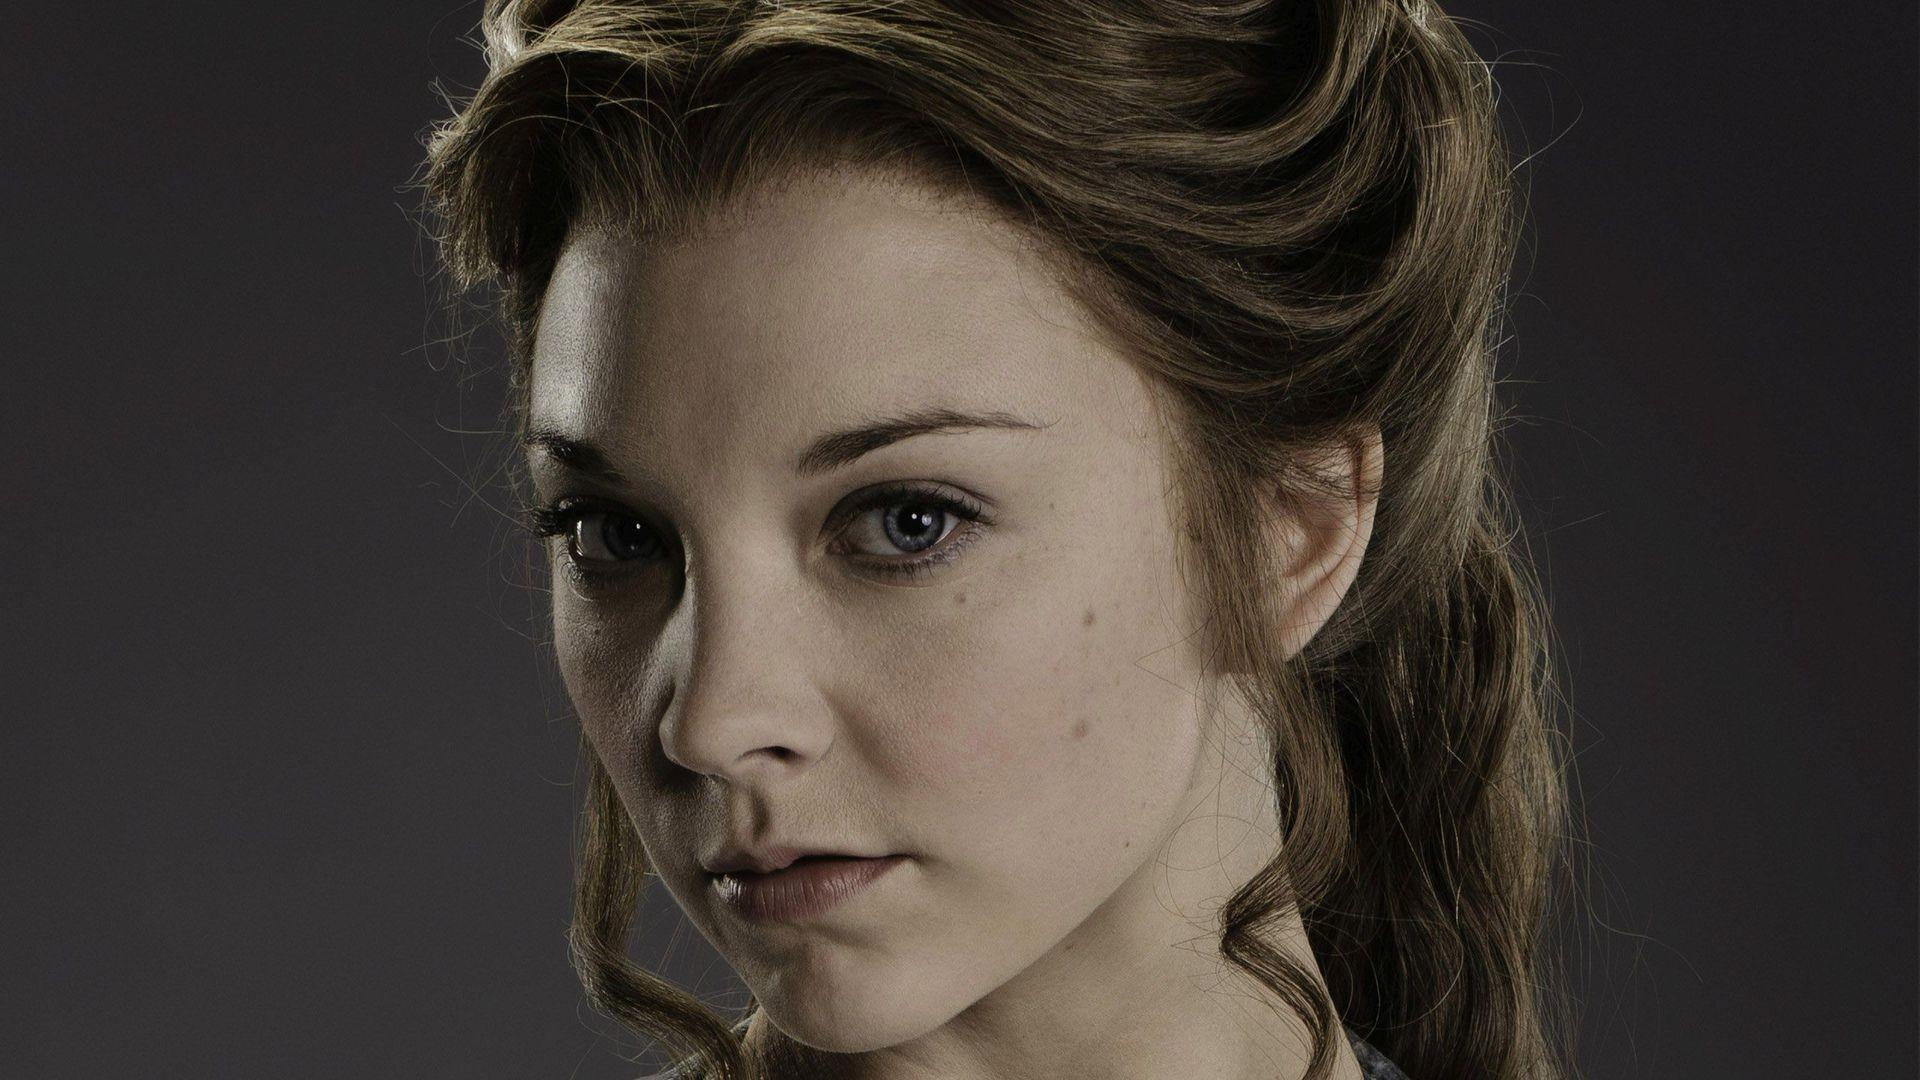 Natalie Dormer Game Of Thrones wallpaper #10315 | Drawing – Faces |  Pinterest | Natalie dormer